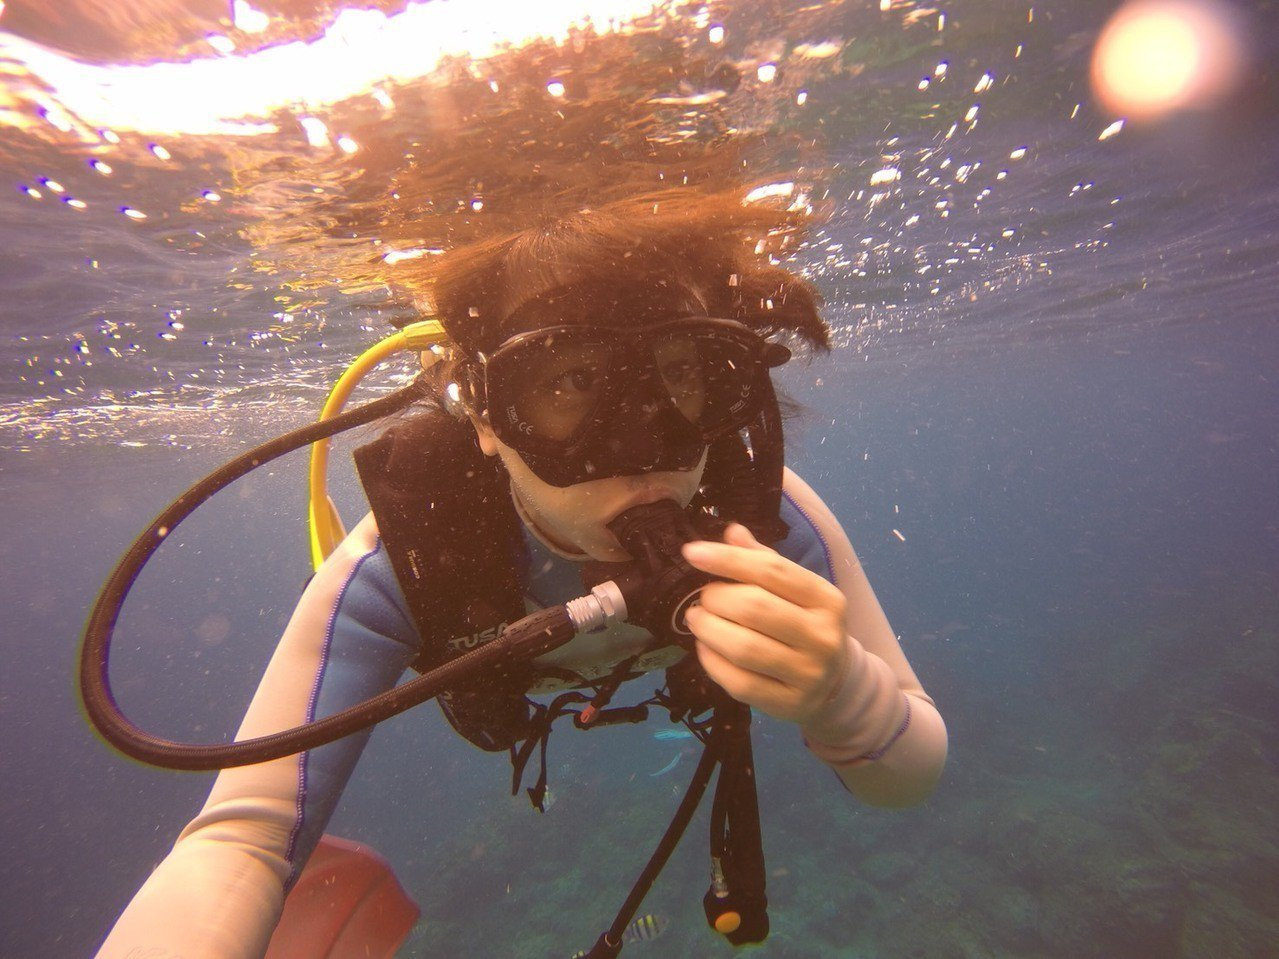 潛水24小時內搭機,恐會引發潛水伕症。記者魏妤庭/攝影